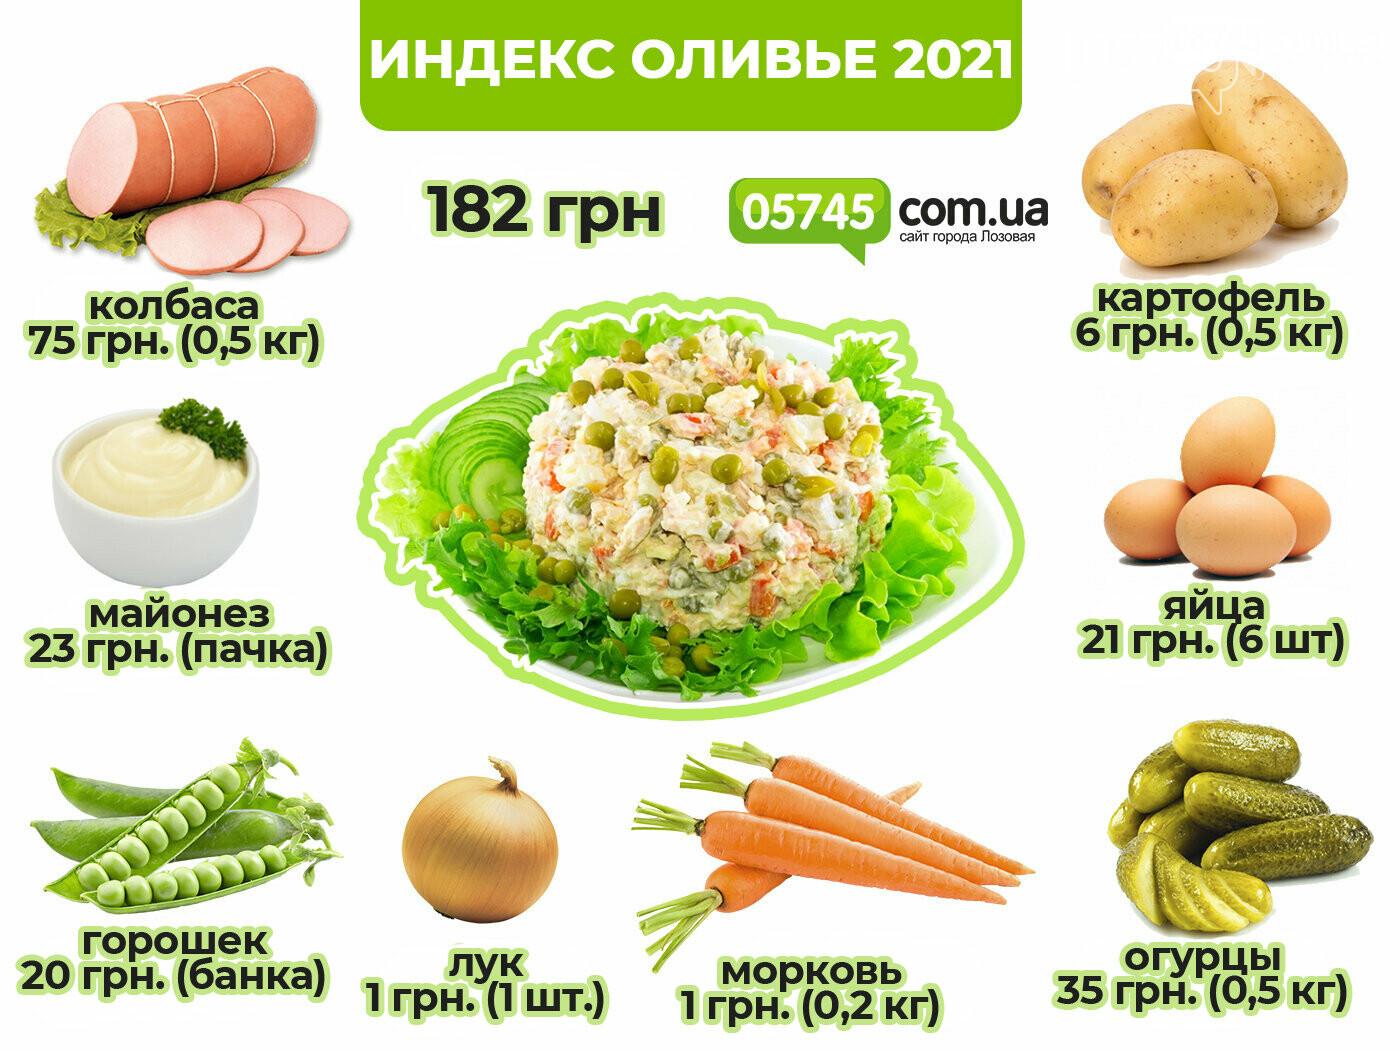 Индекс оливье 2021 Лозовая